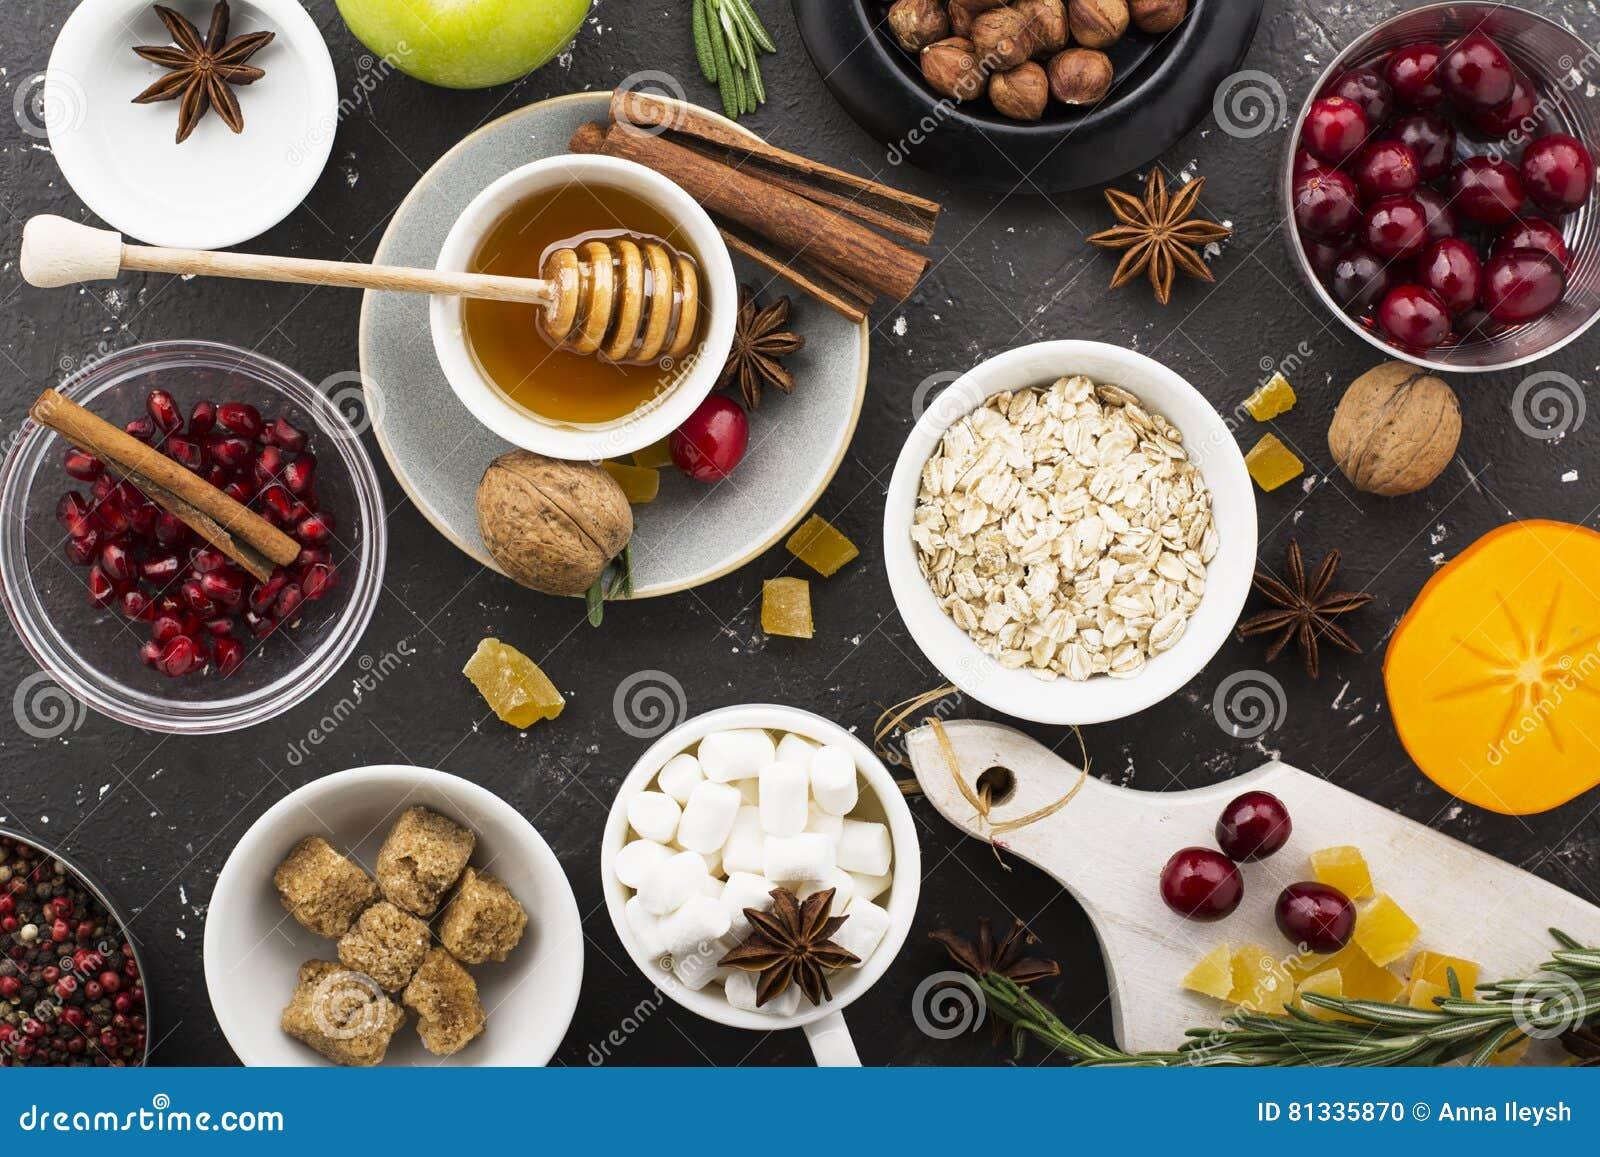 Verschiedene Bestandteile für Wintersaisonbacken und andere Rezepte, Granatapfel, Honig, orezhi, Äpfel, Persimonen, Kräuter